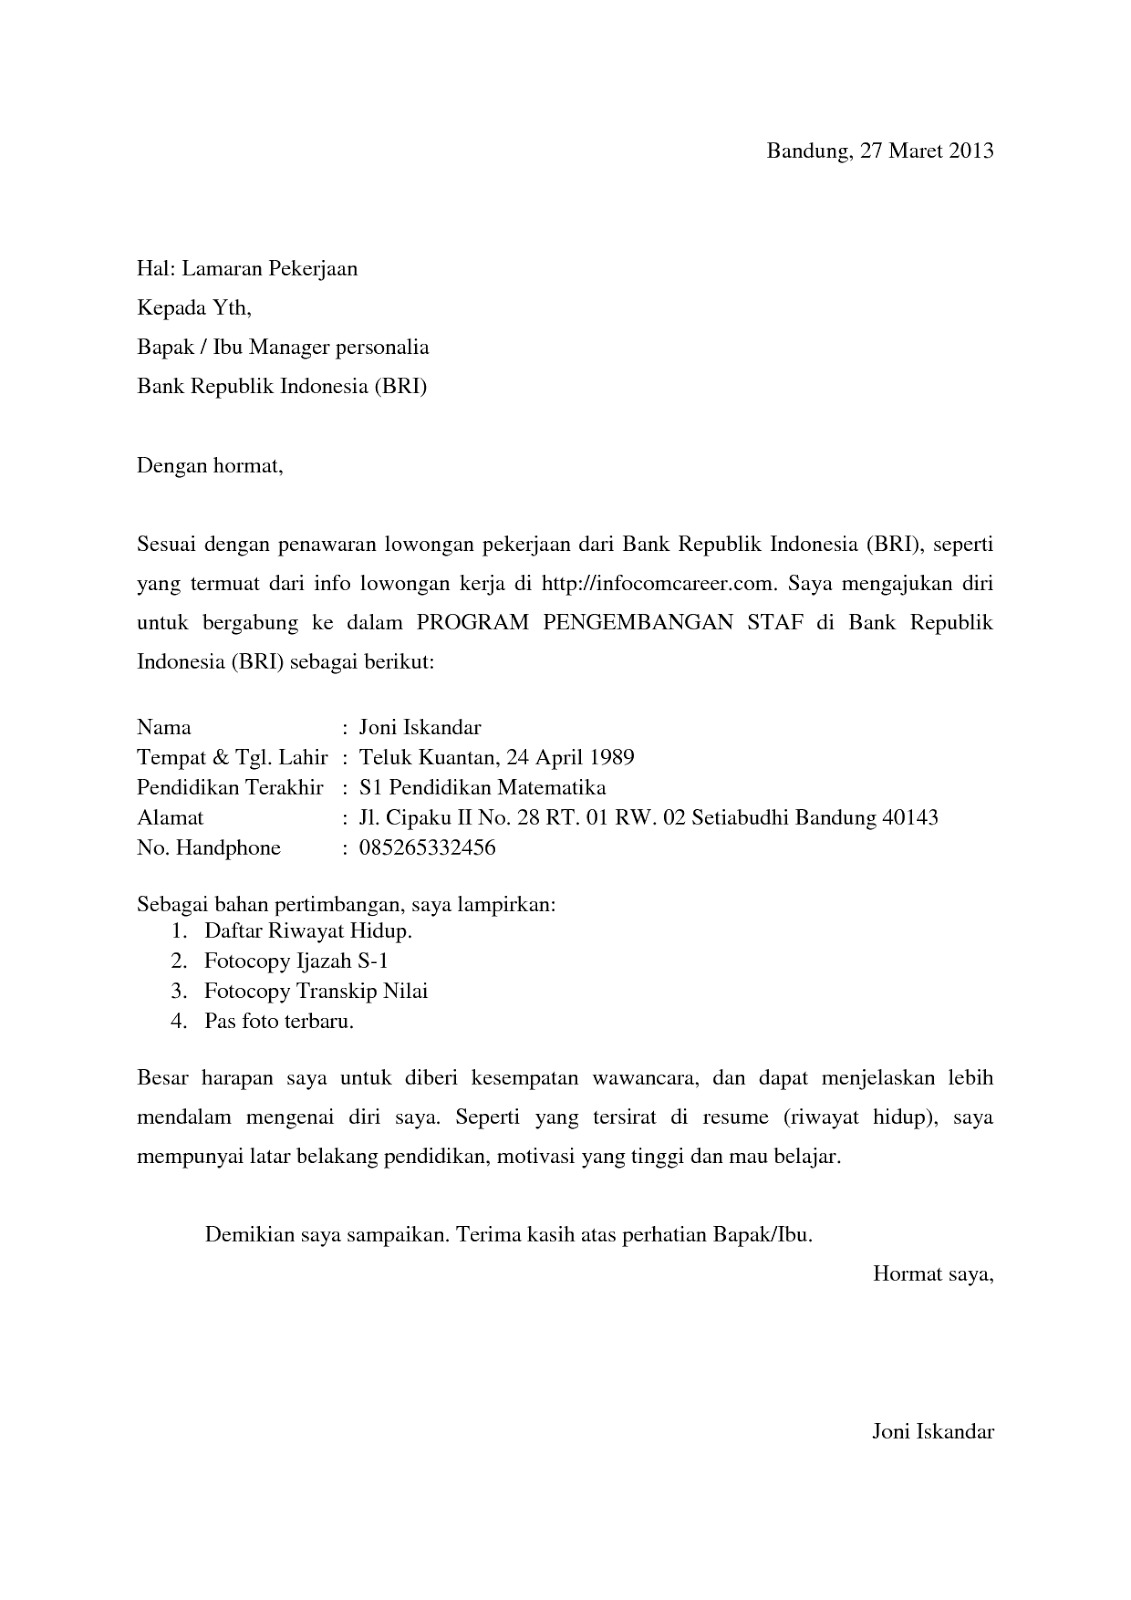 Contoh Surat Lamaran Kerja Bank Bri Surat Lamaran Kerja